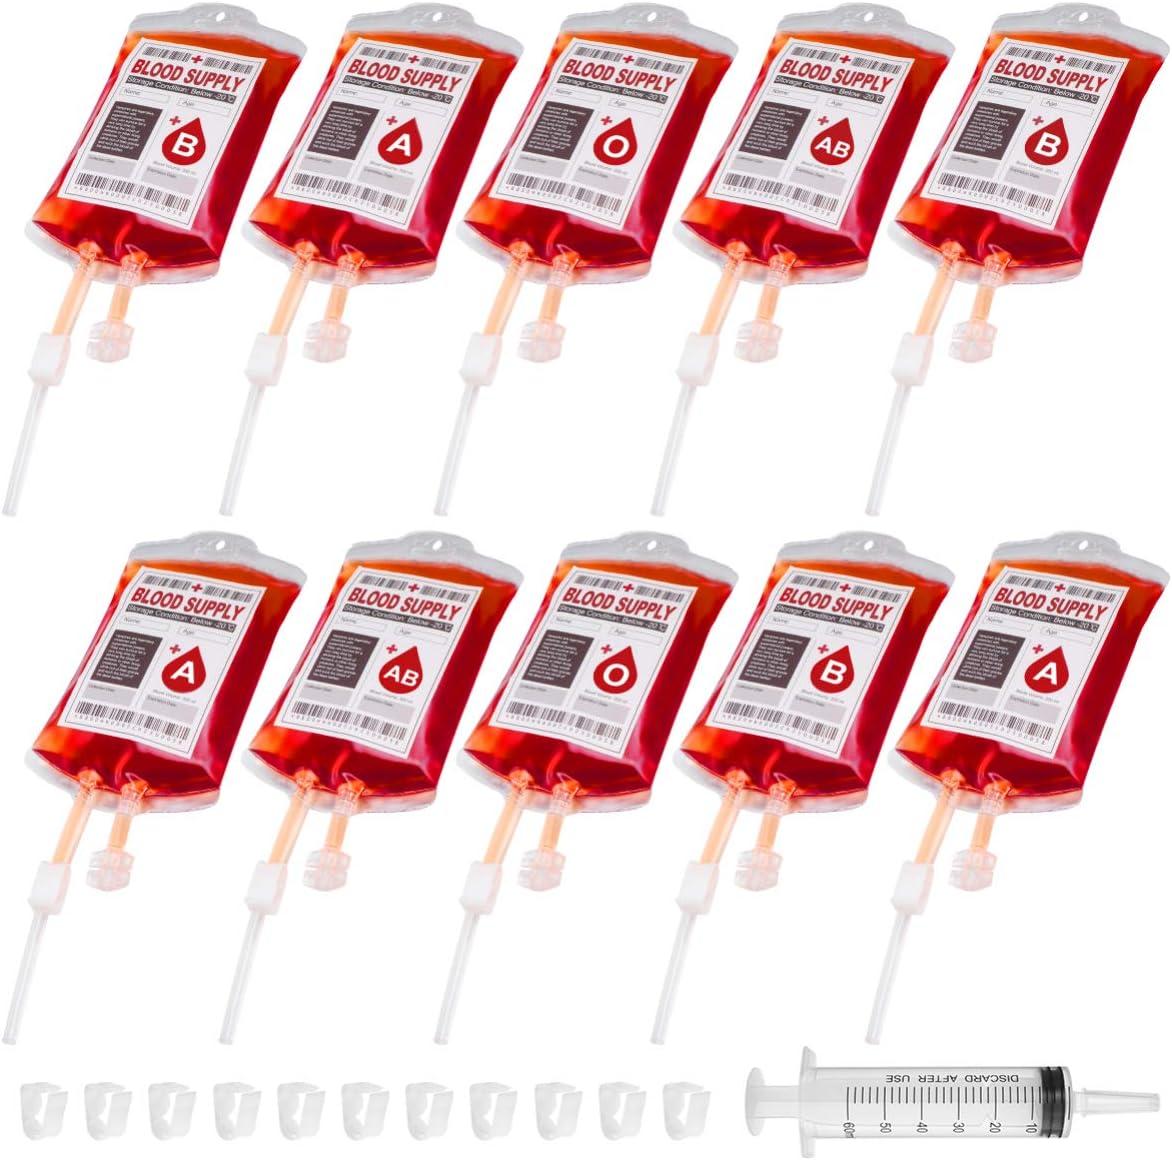 Halloween Blood Bags Novelty Premium Reusable Fashionable Party Favors Zombie Props 10PCS